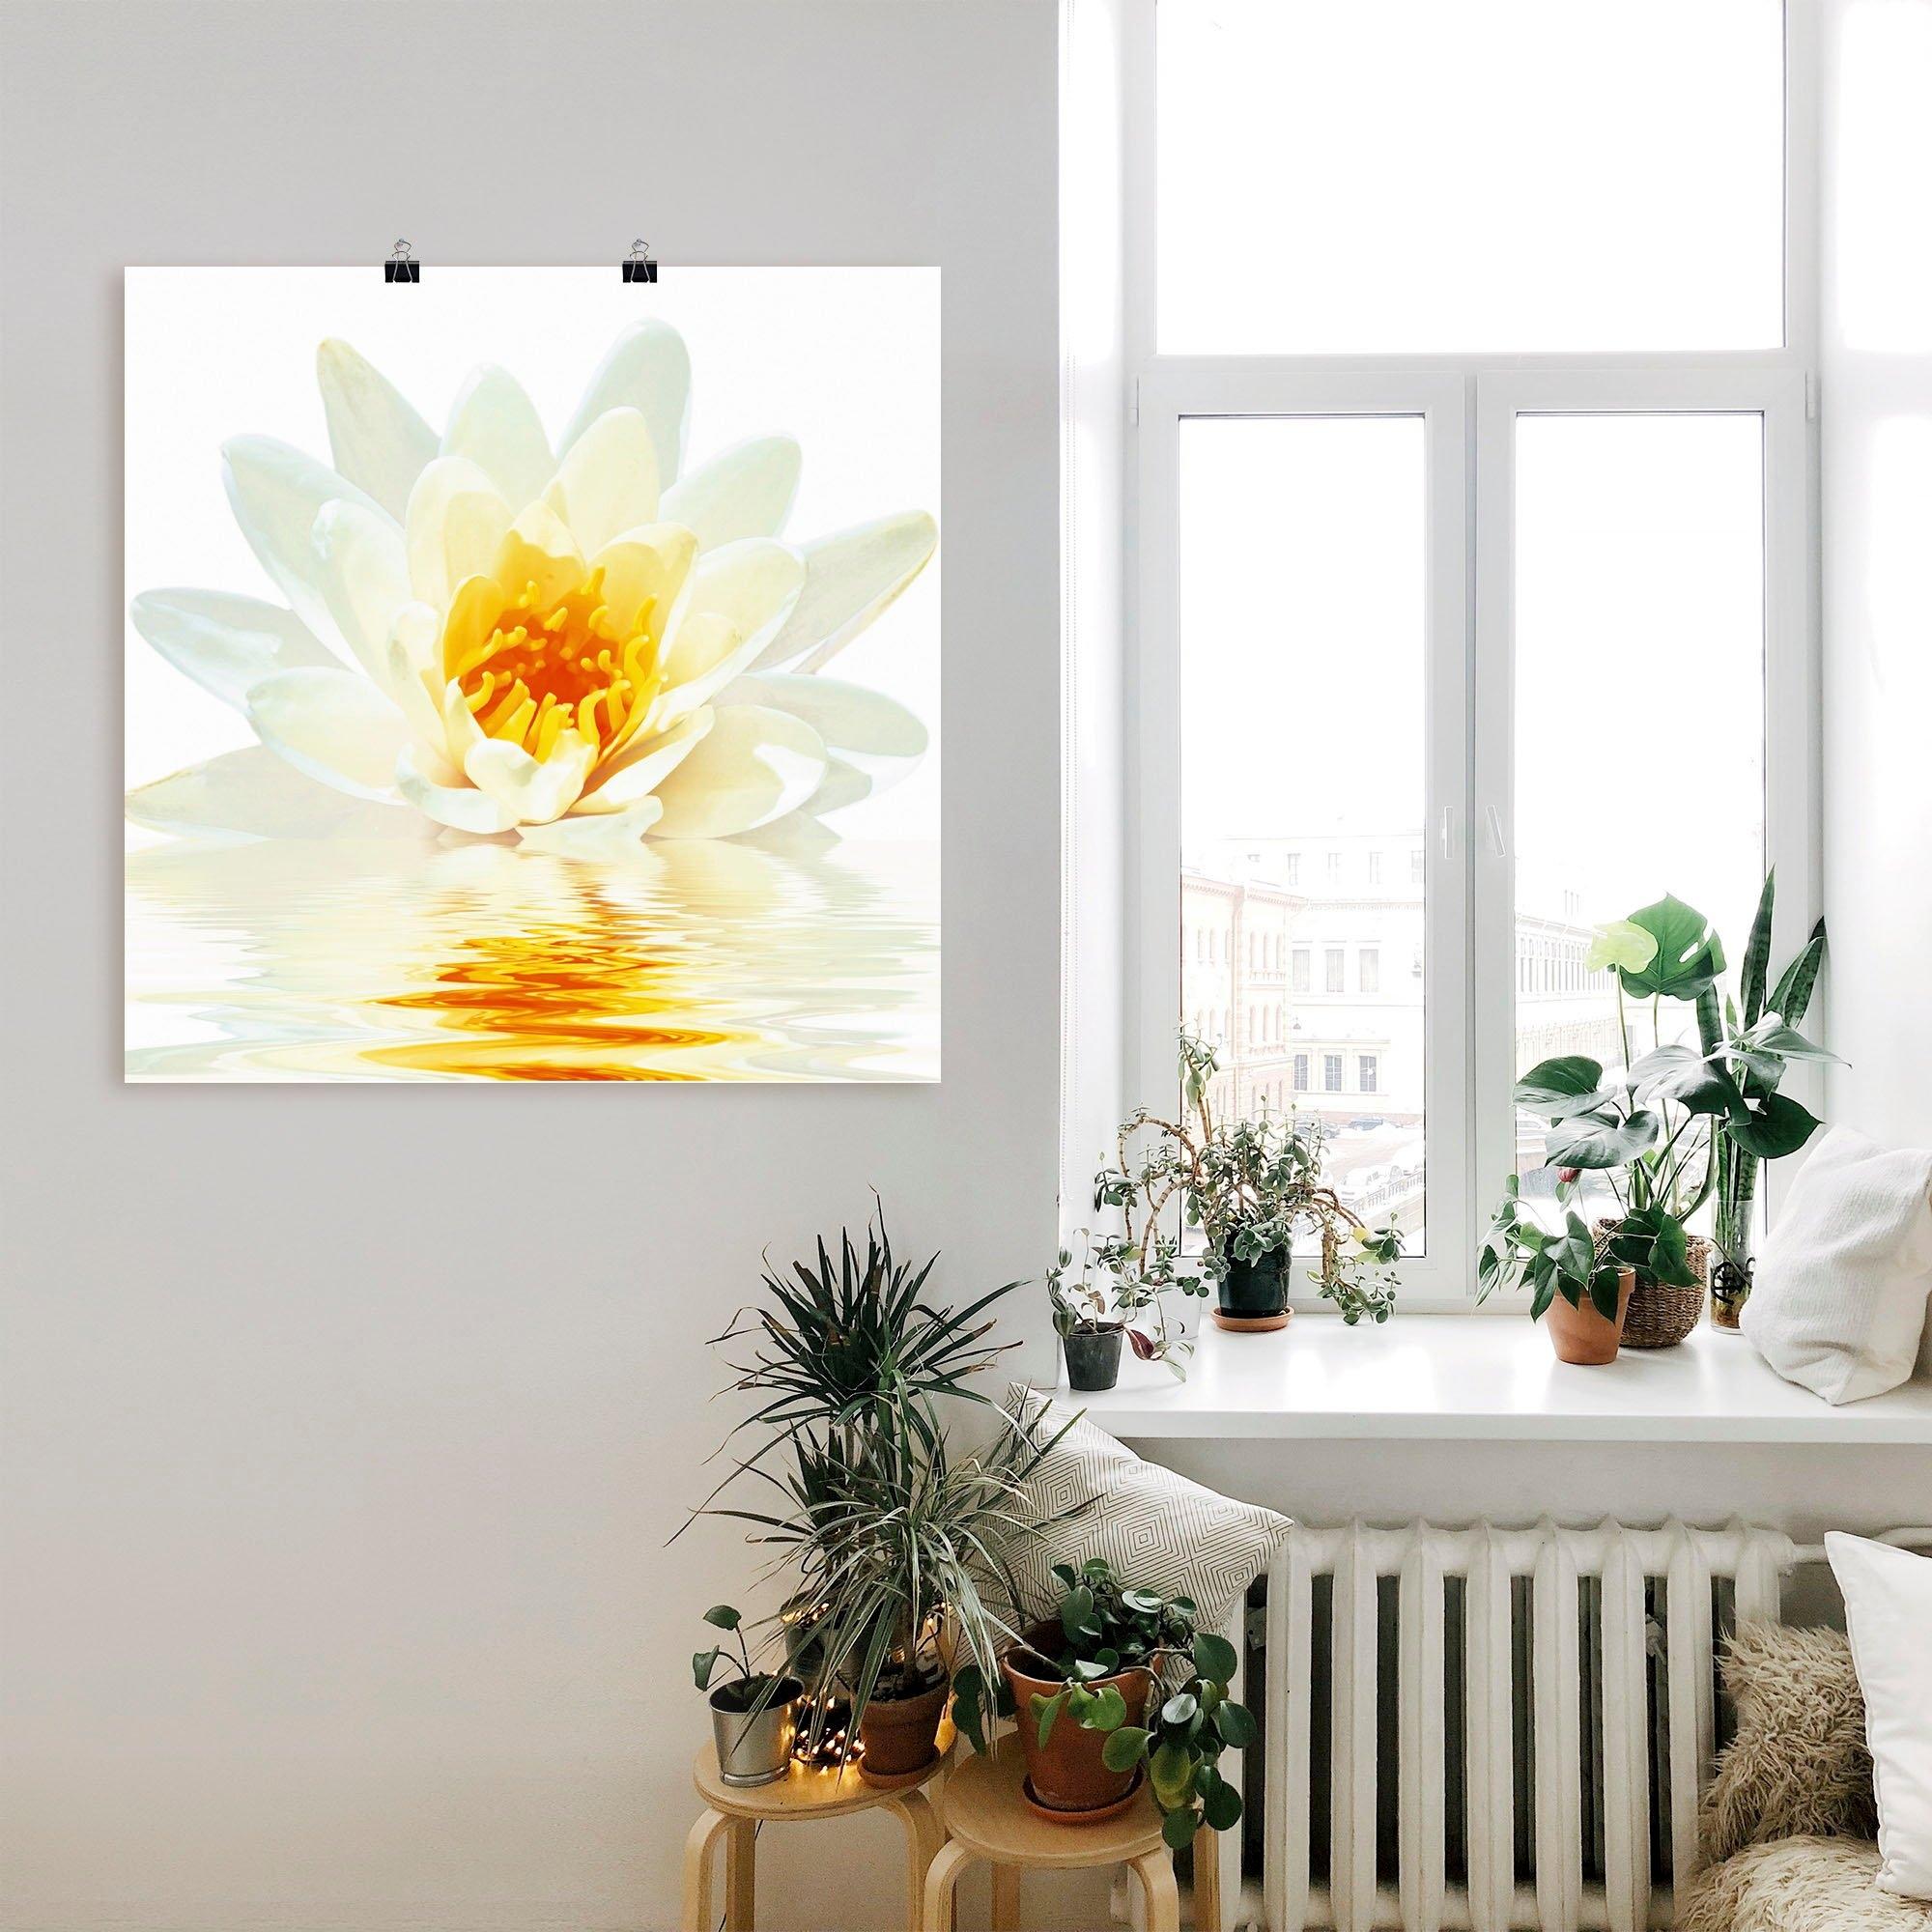 Artland Artprint Lotusbloem drijft op het water in vele afmetingen & productsoorten - artprint van aluminium / artprint voor buiten, artprint op linnen, poster, muursticker / wandfolie ook geschikt voor de badkamer (1 stuk) online kopen op otto.nl